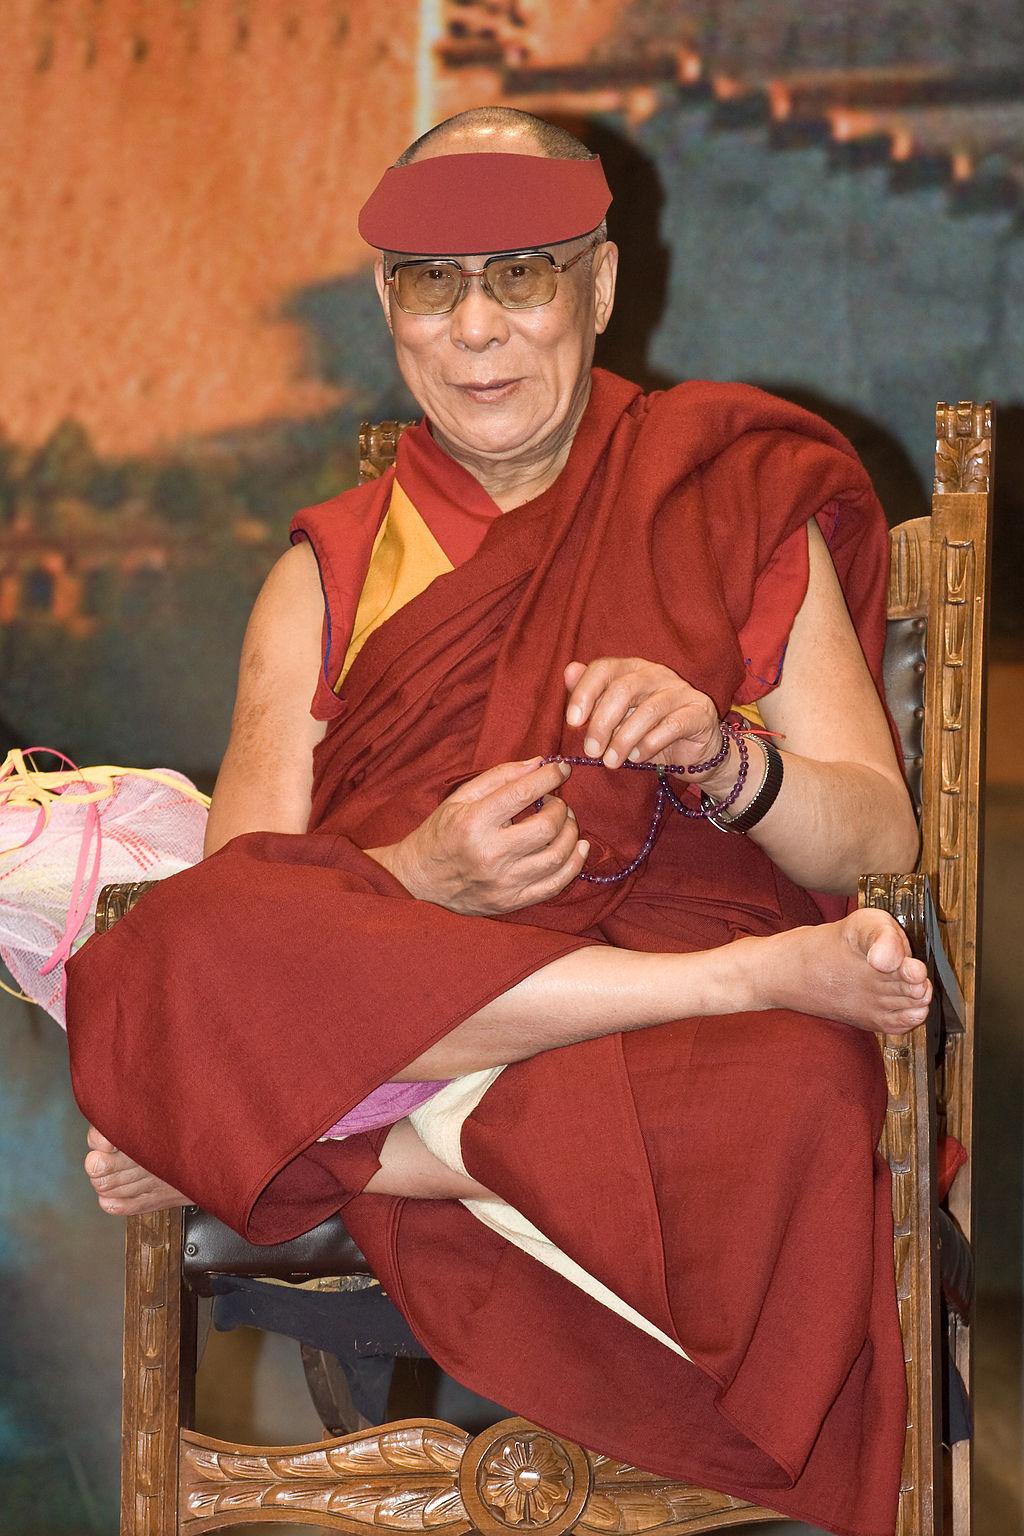 1024px-Dalai_Lama_1471_Luca_Galuzzi_2007.jpg